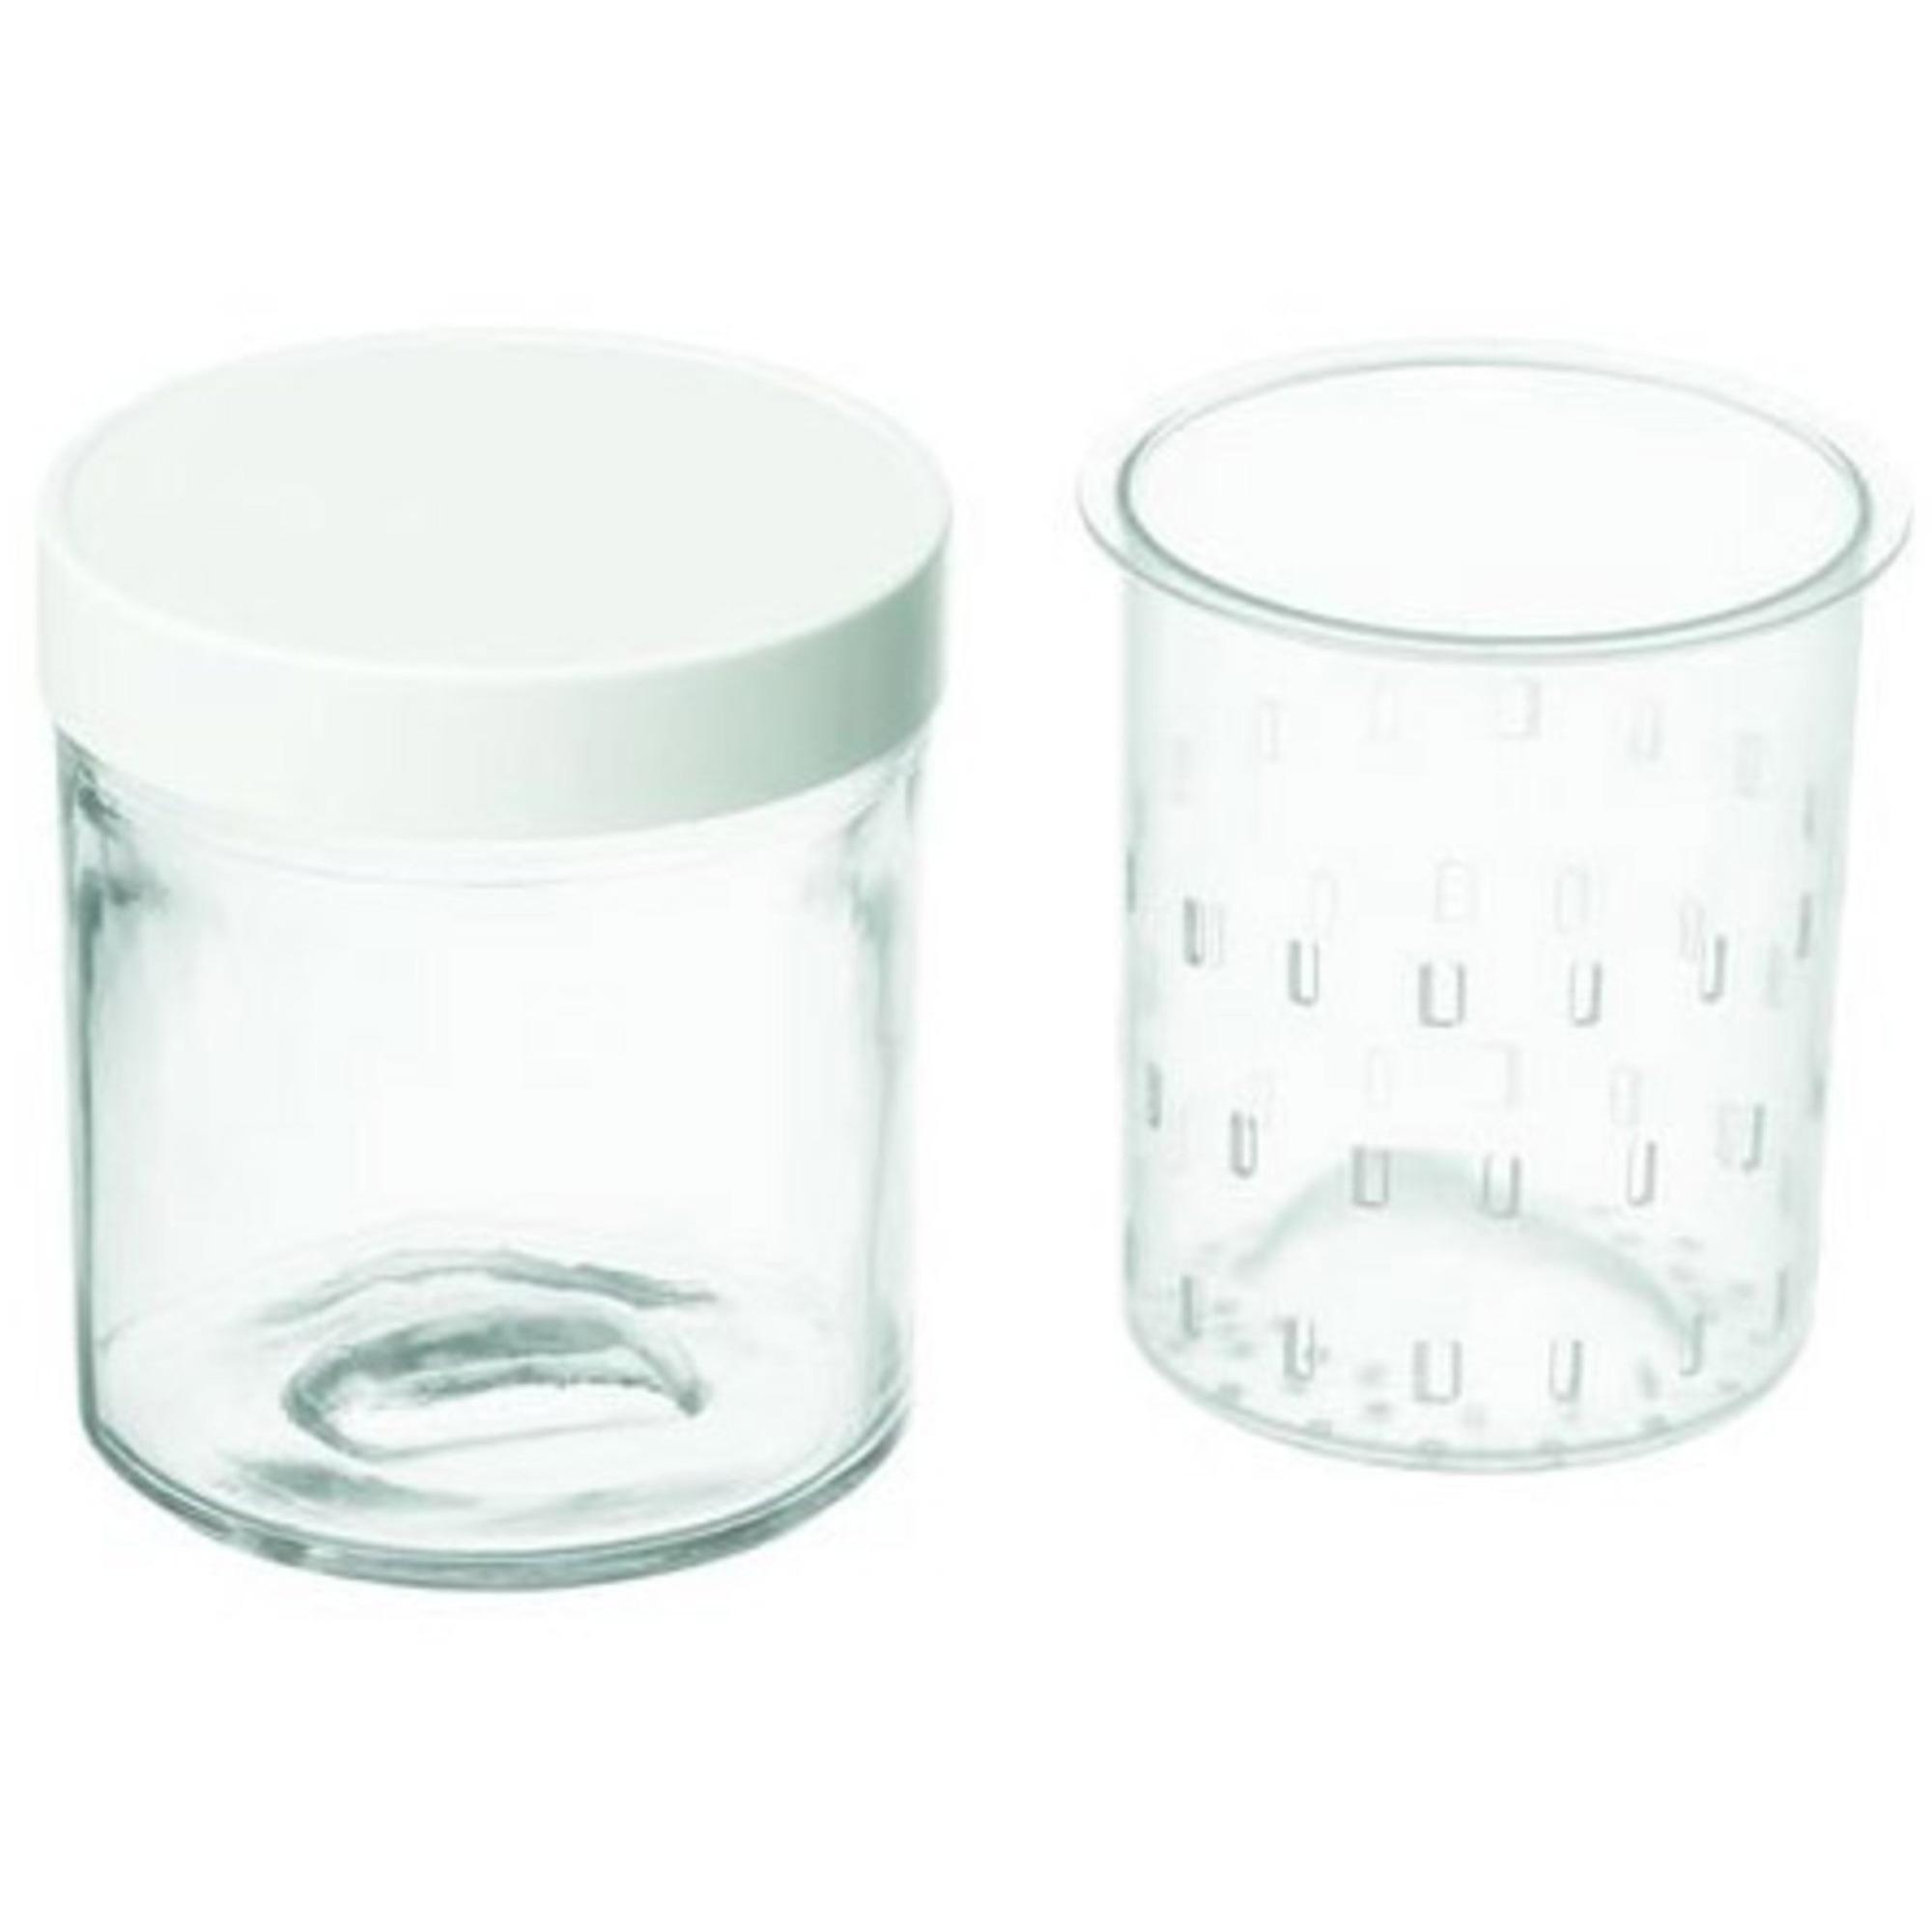 Cuisinart Tillbehörspaket till Yoghurt & Cheese Maker med 2 Burkar+Plastlock 250 ml